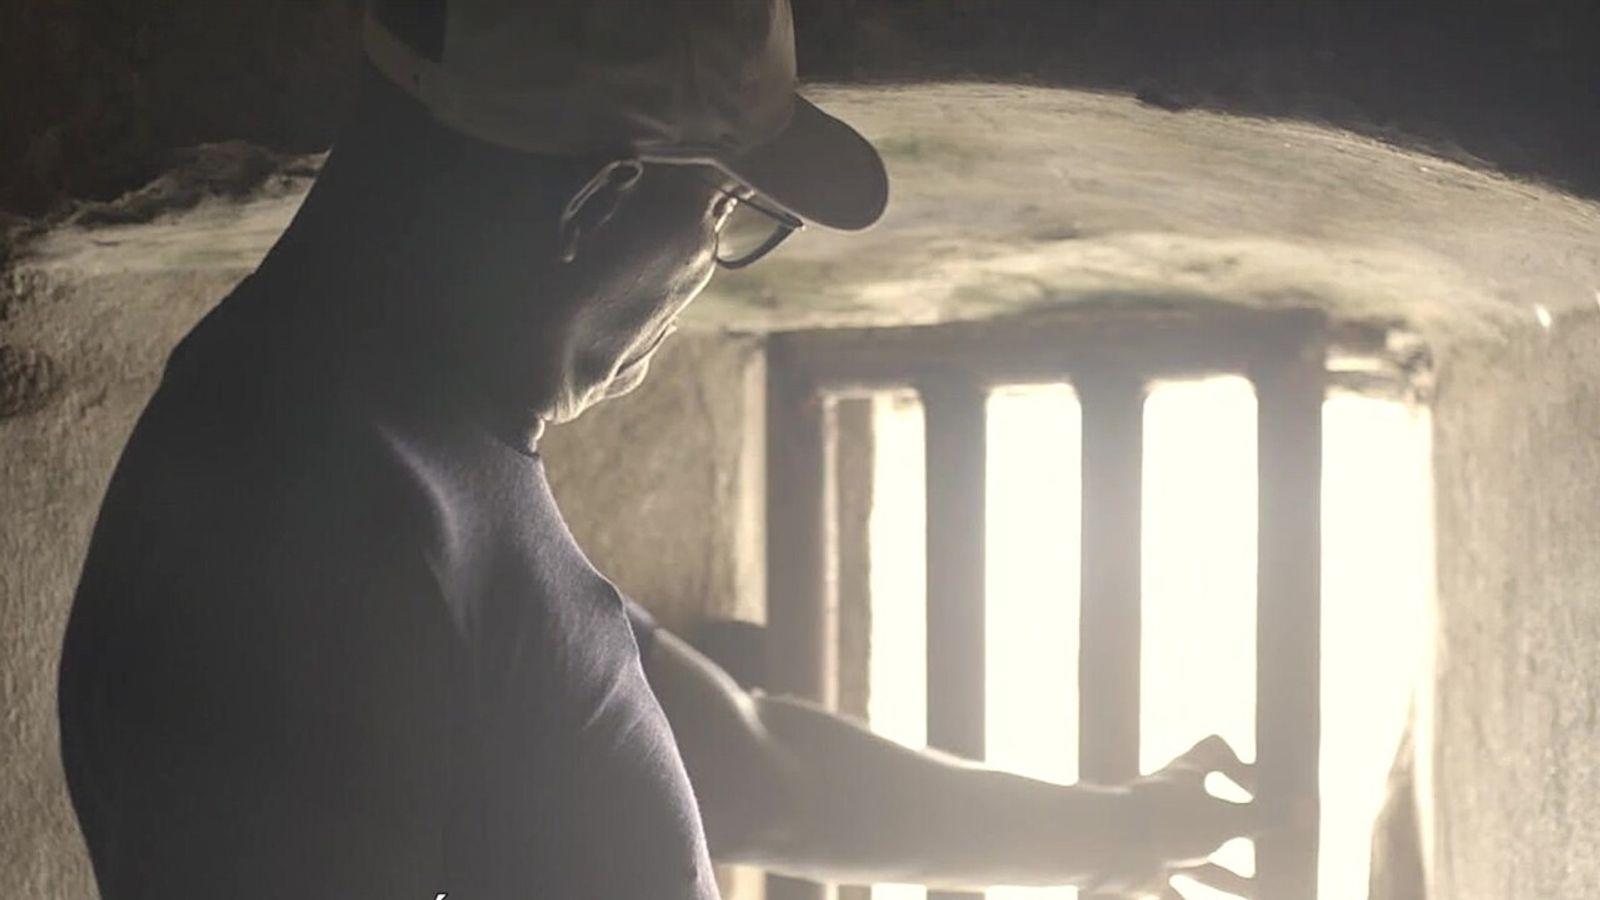 Escravidão: Uma História de Injustiça, no National Geographic